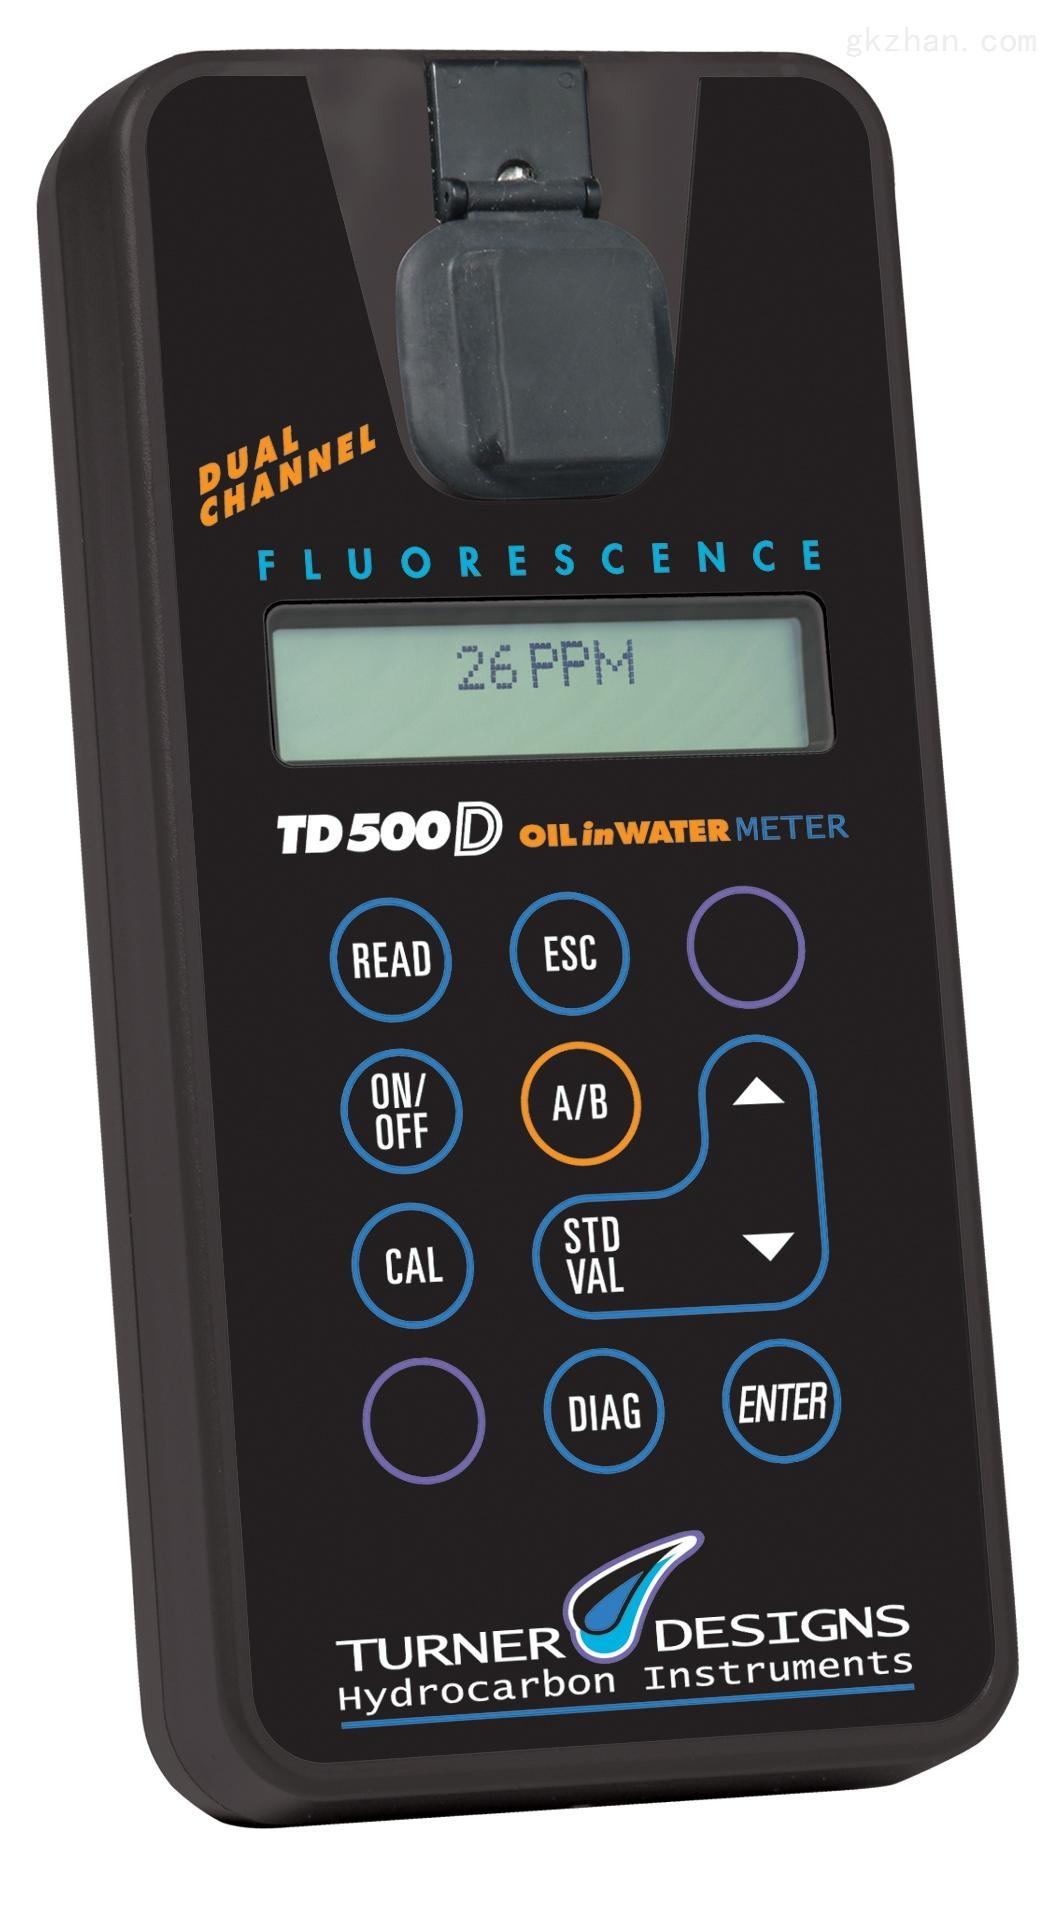 原装进口美国特纳TD-500D水中油分析仪